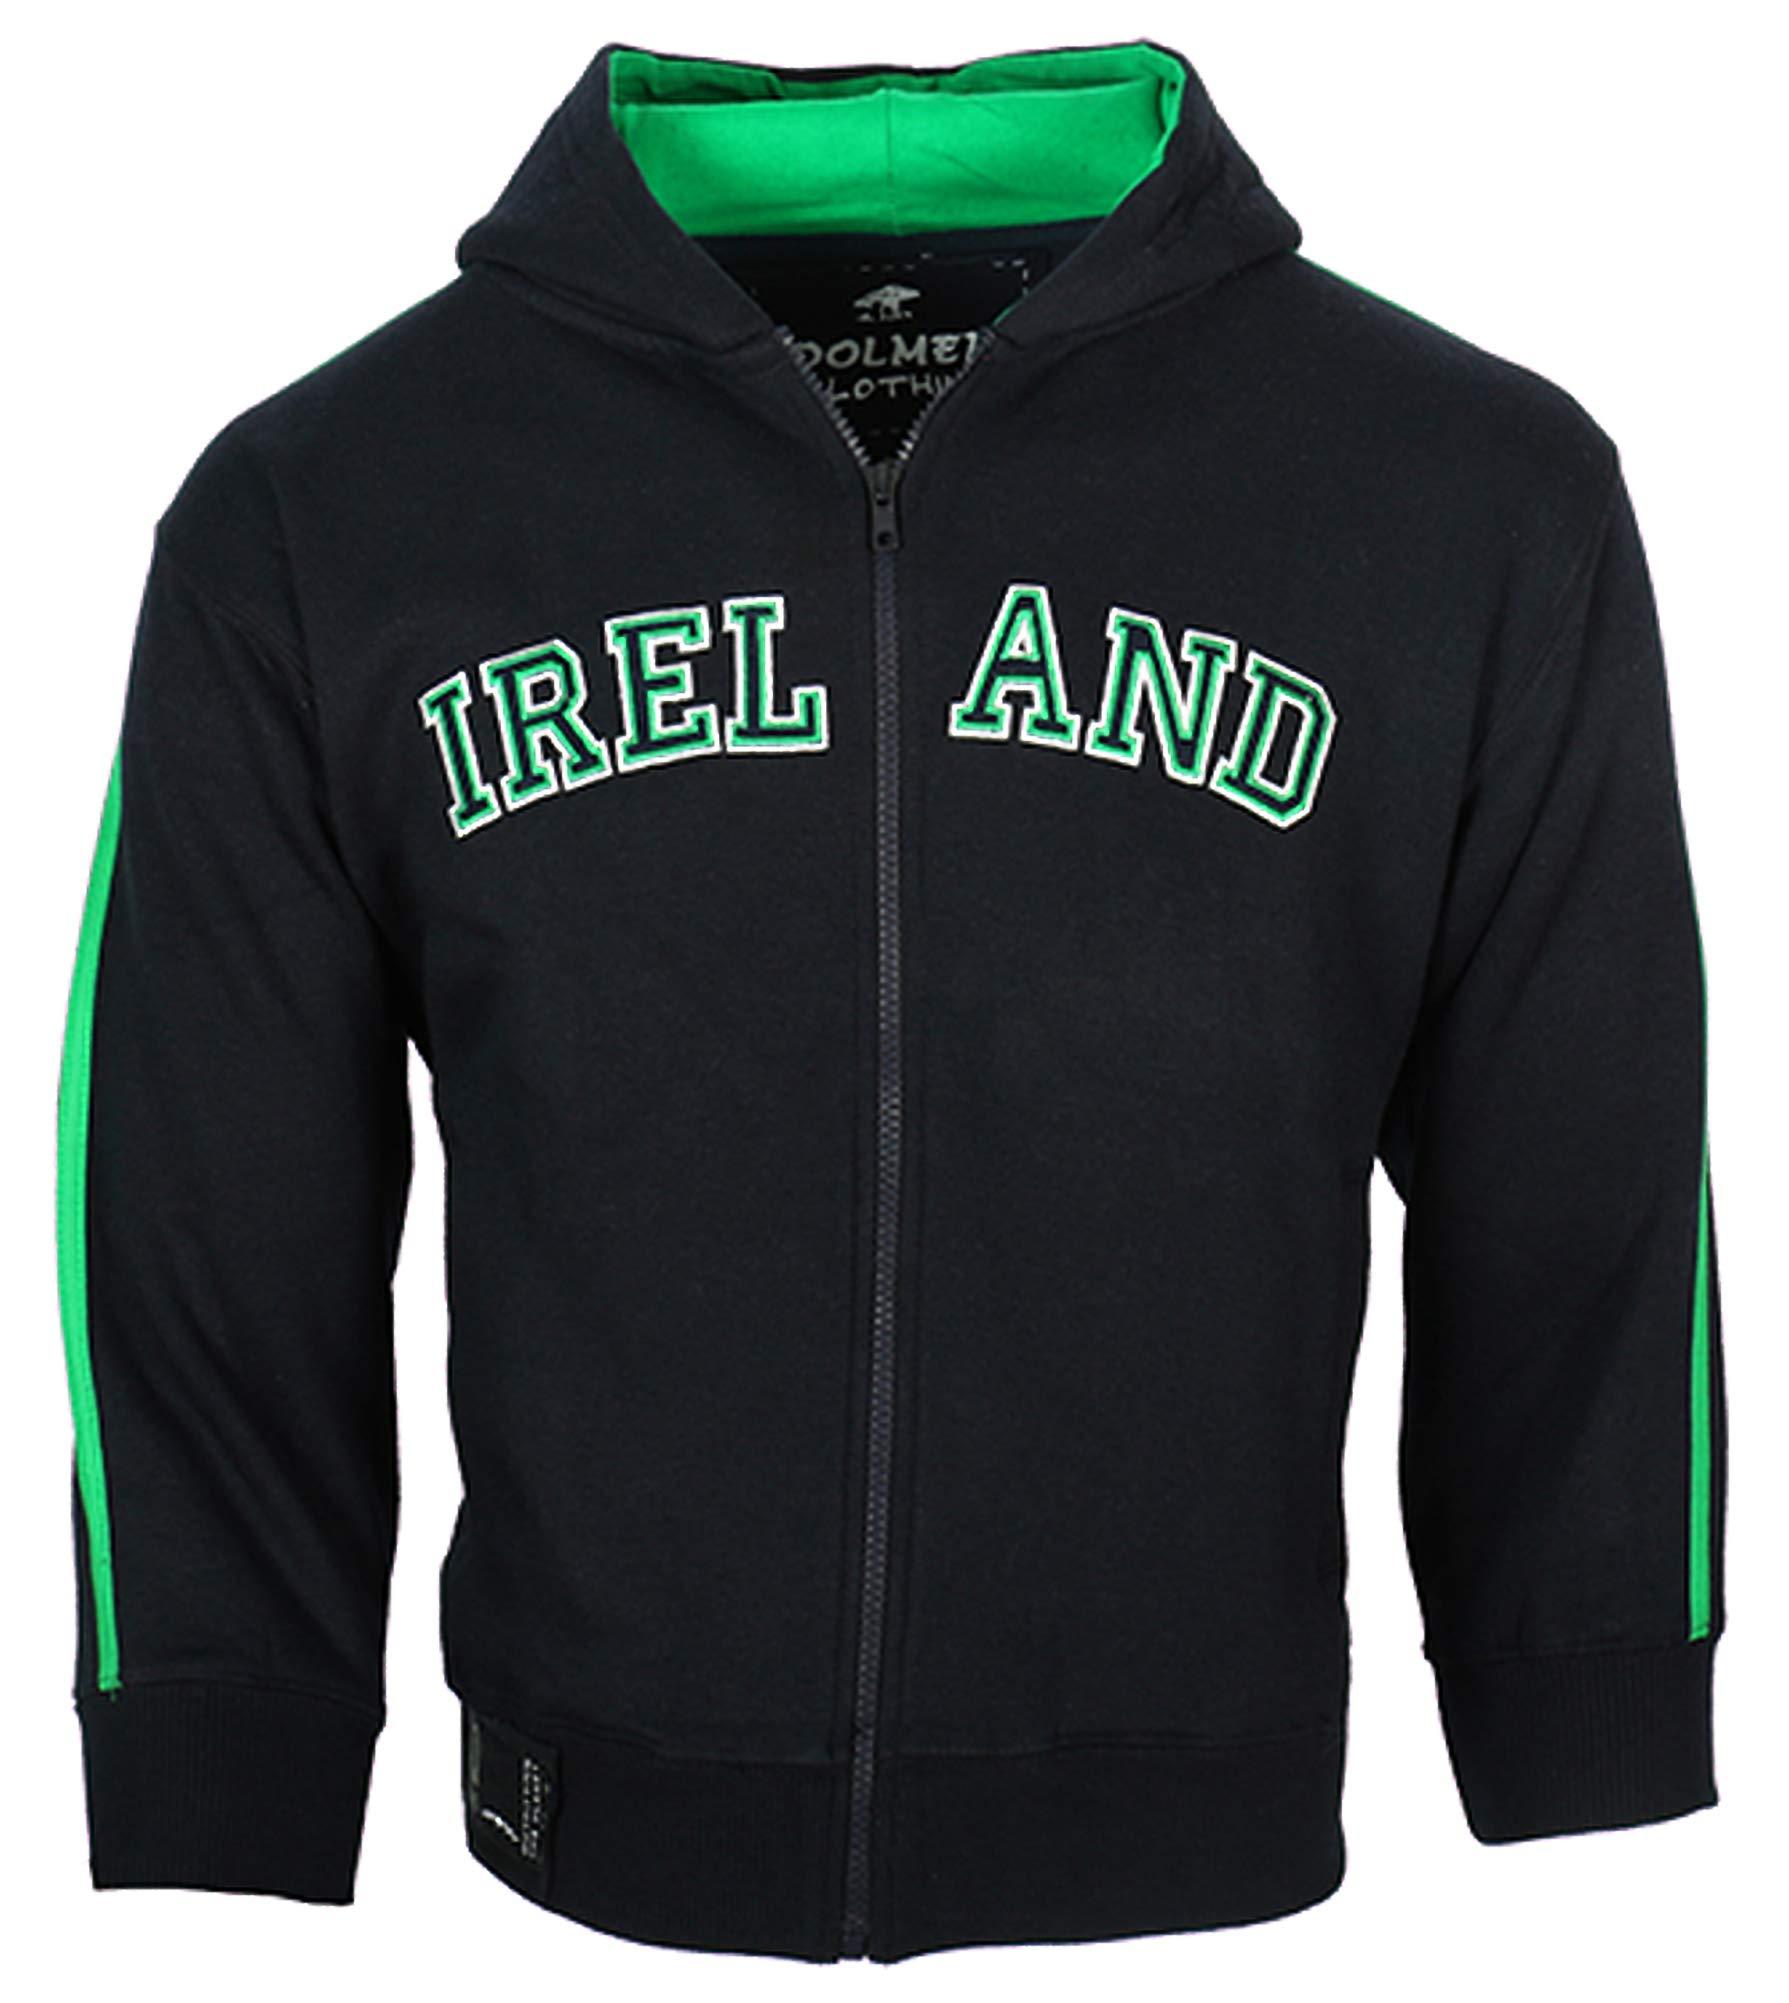 Malham USA Kids Ireland Retro Zip Hooded Sweatshirt (Navy, 7-8 Years)